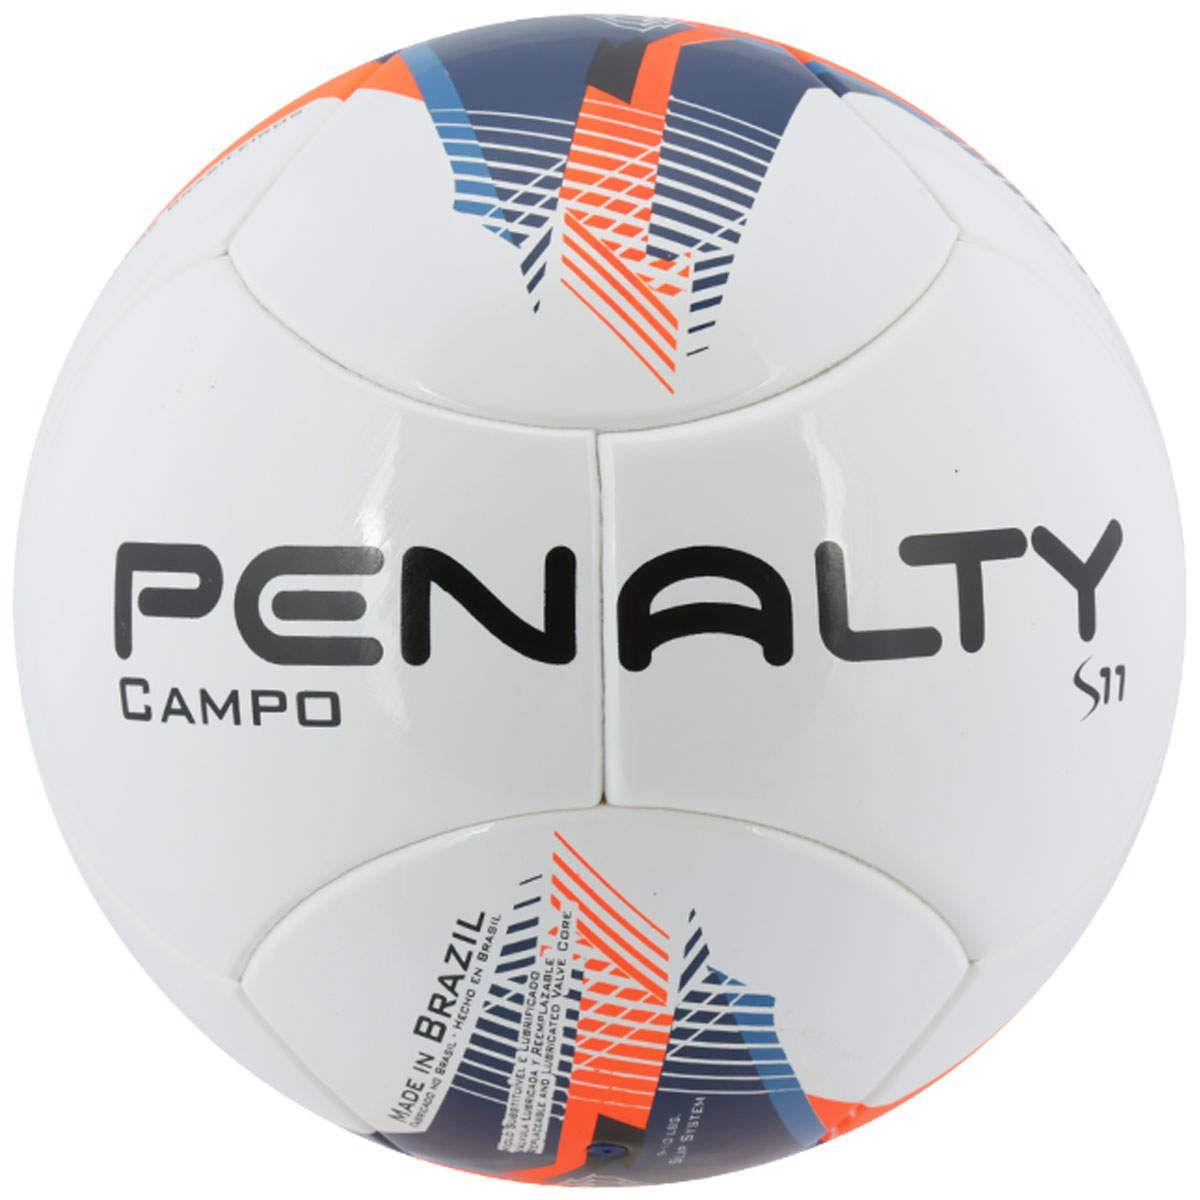 Bola de Futebol de Campo Penalty S11 R3 Ultra Fusion V